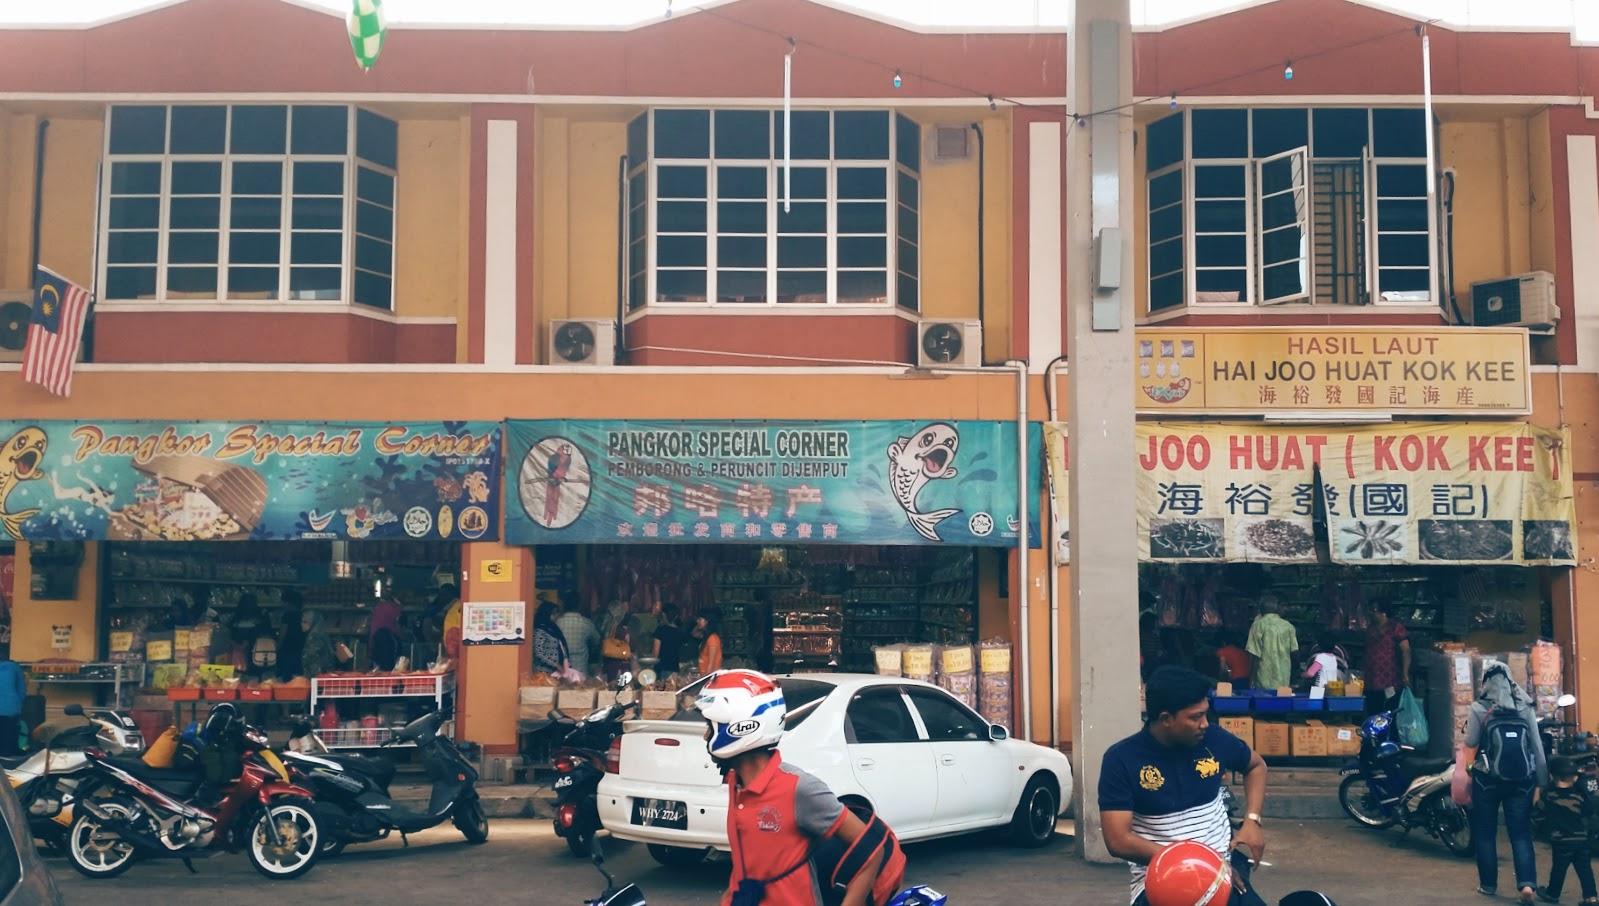 Pekan Pangkor